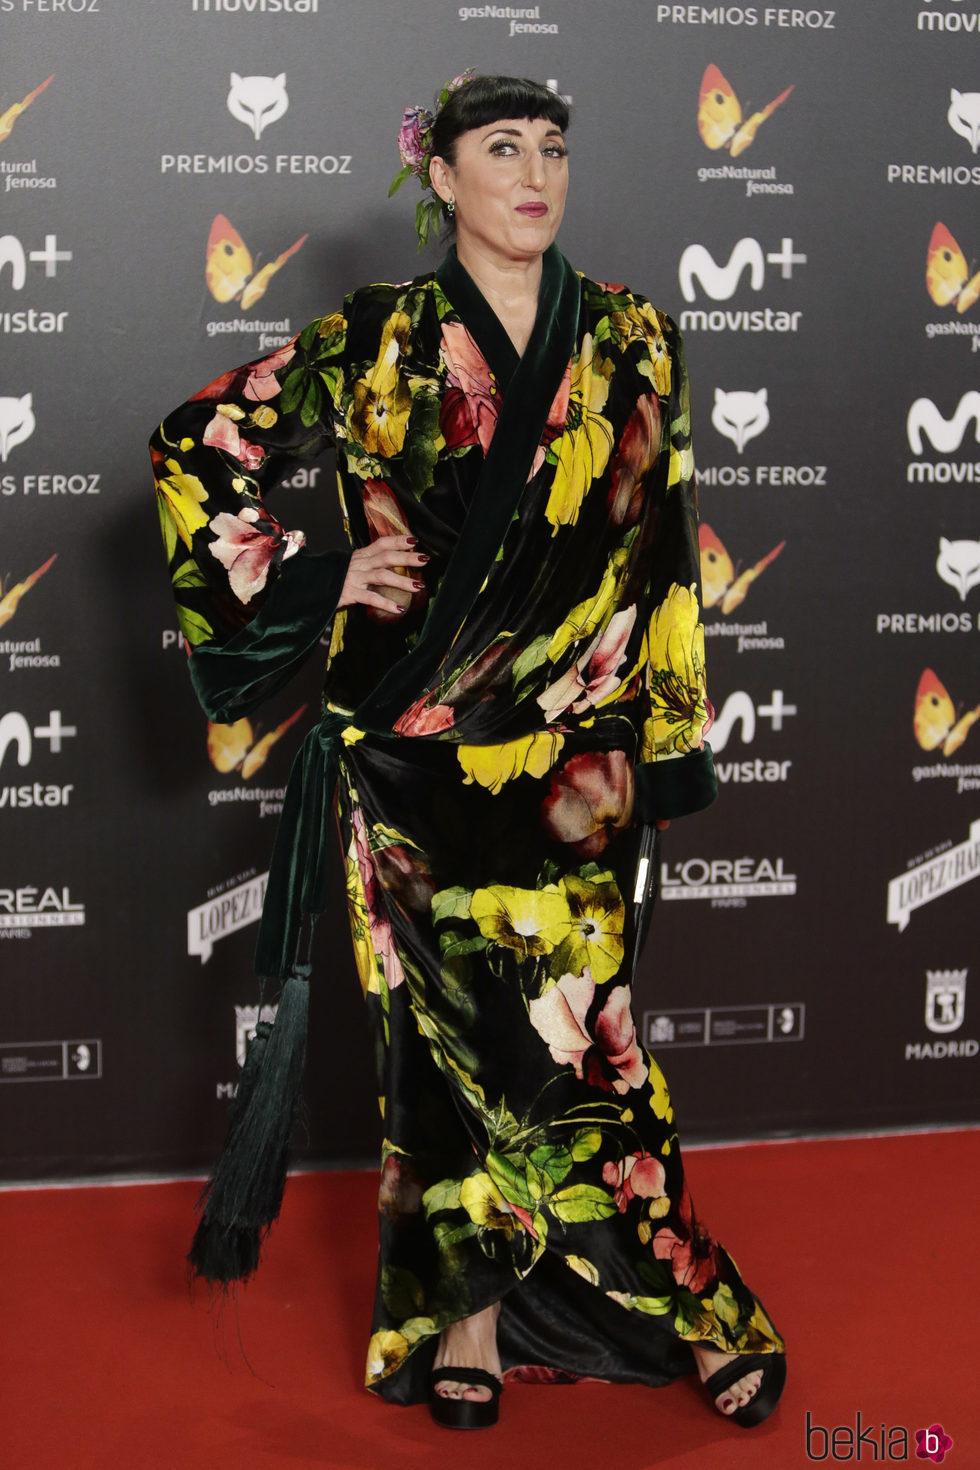 Rossy de Palma en la alfombra roja de los Premios Feroz 2018